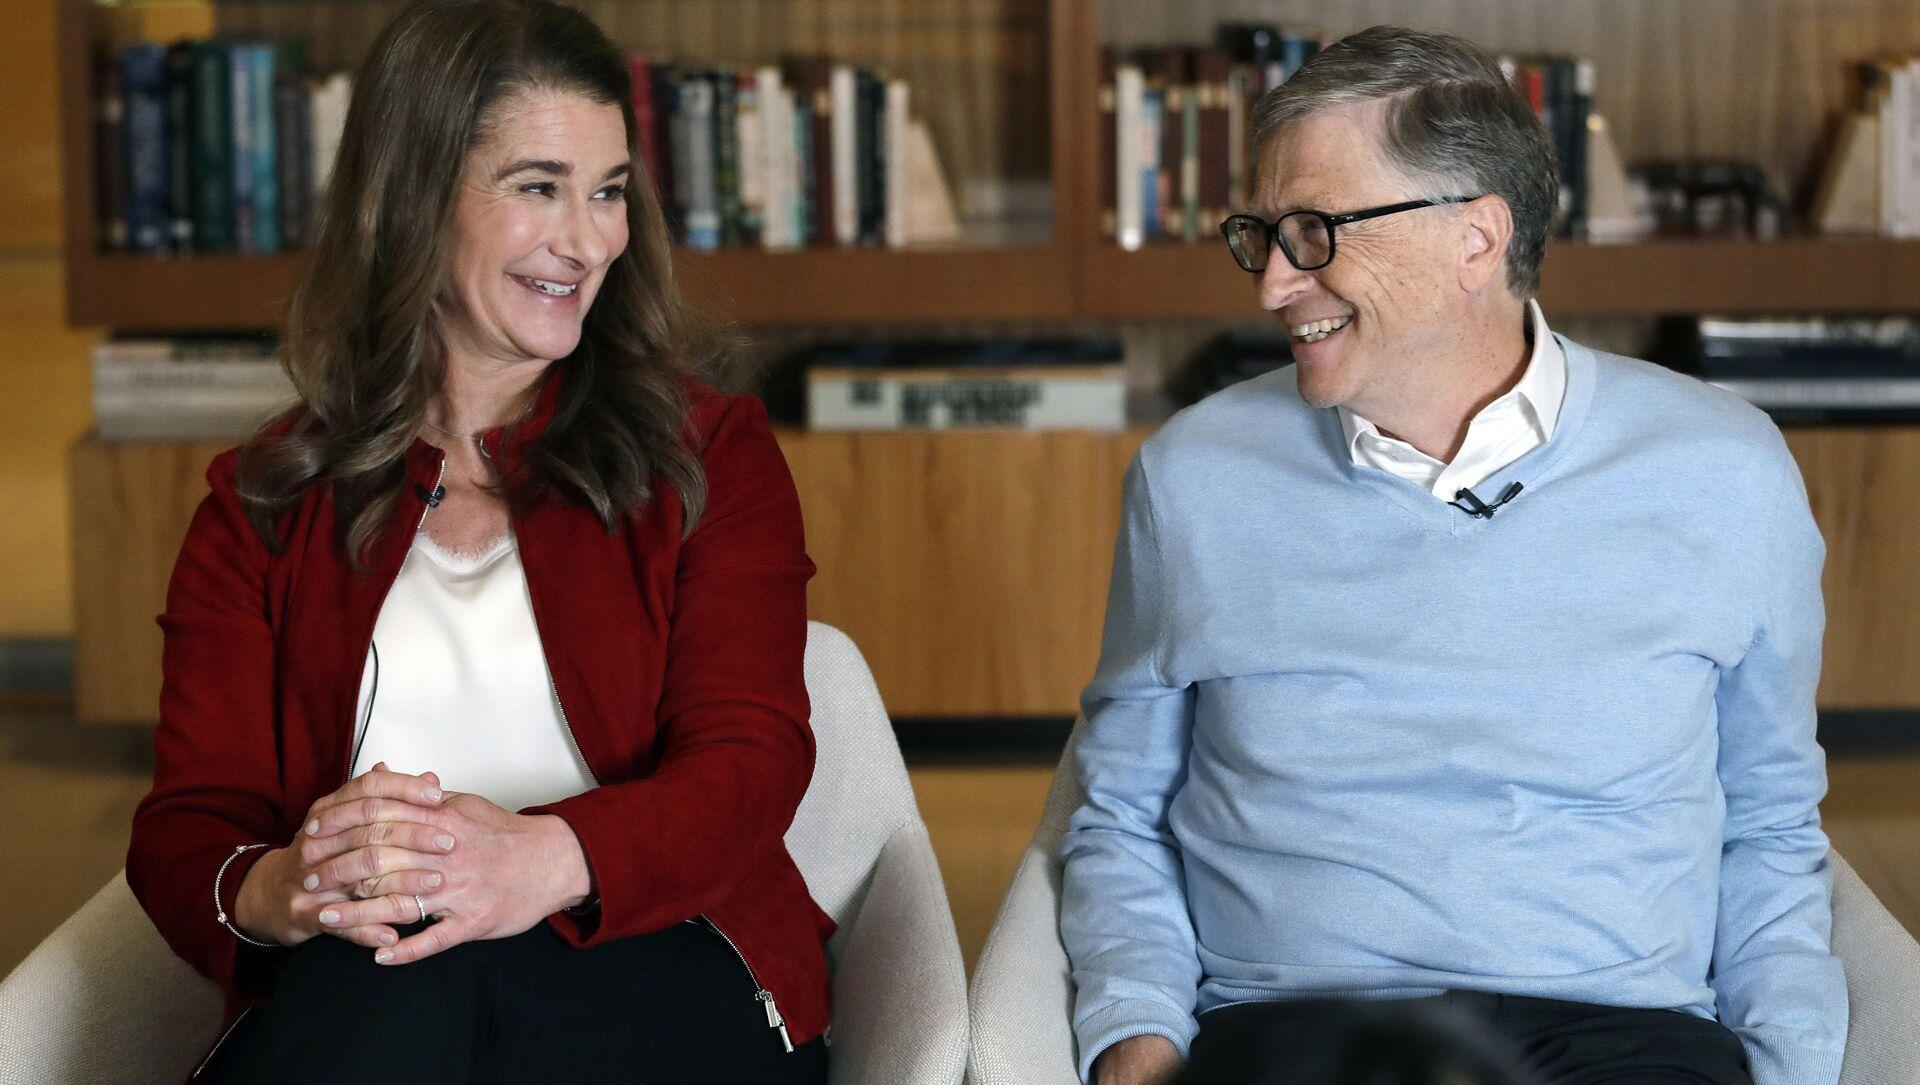 Билл Гейтс с супругой Мелиндой во время интервью в Киркланд, штат Вашингтон, 2019 год - Sputnik International, 1920, 02.08.2021